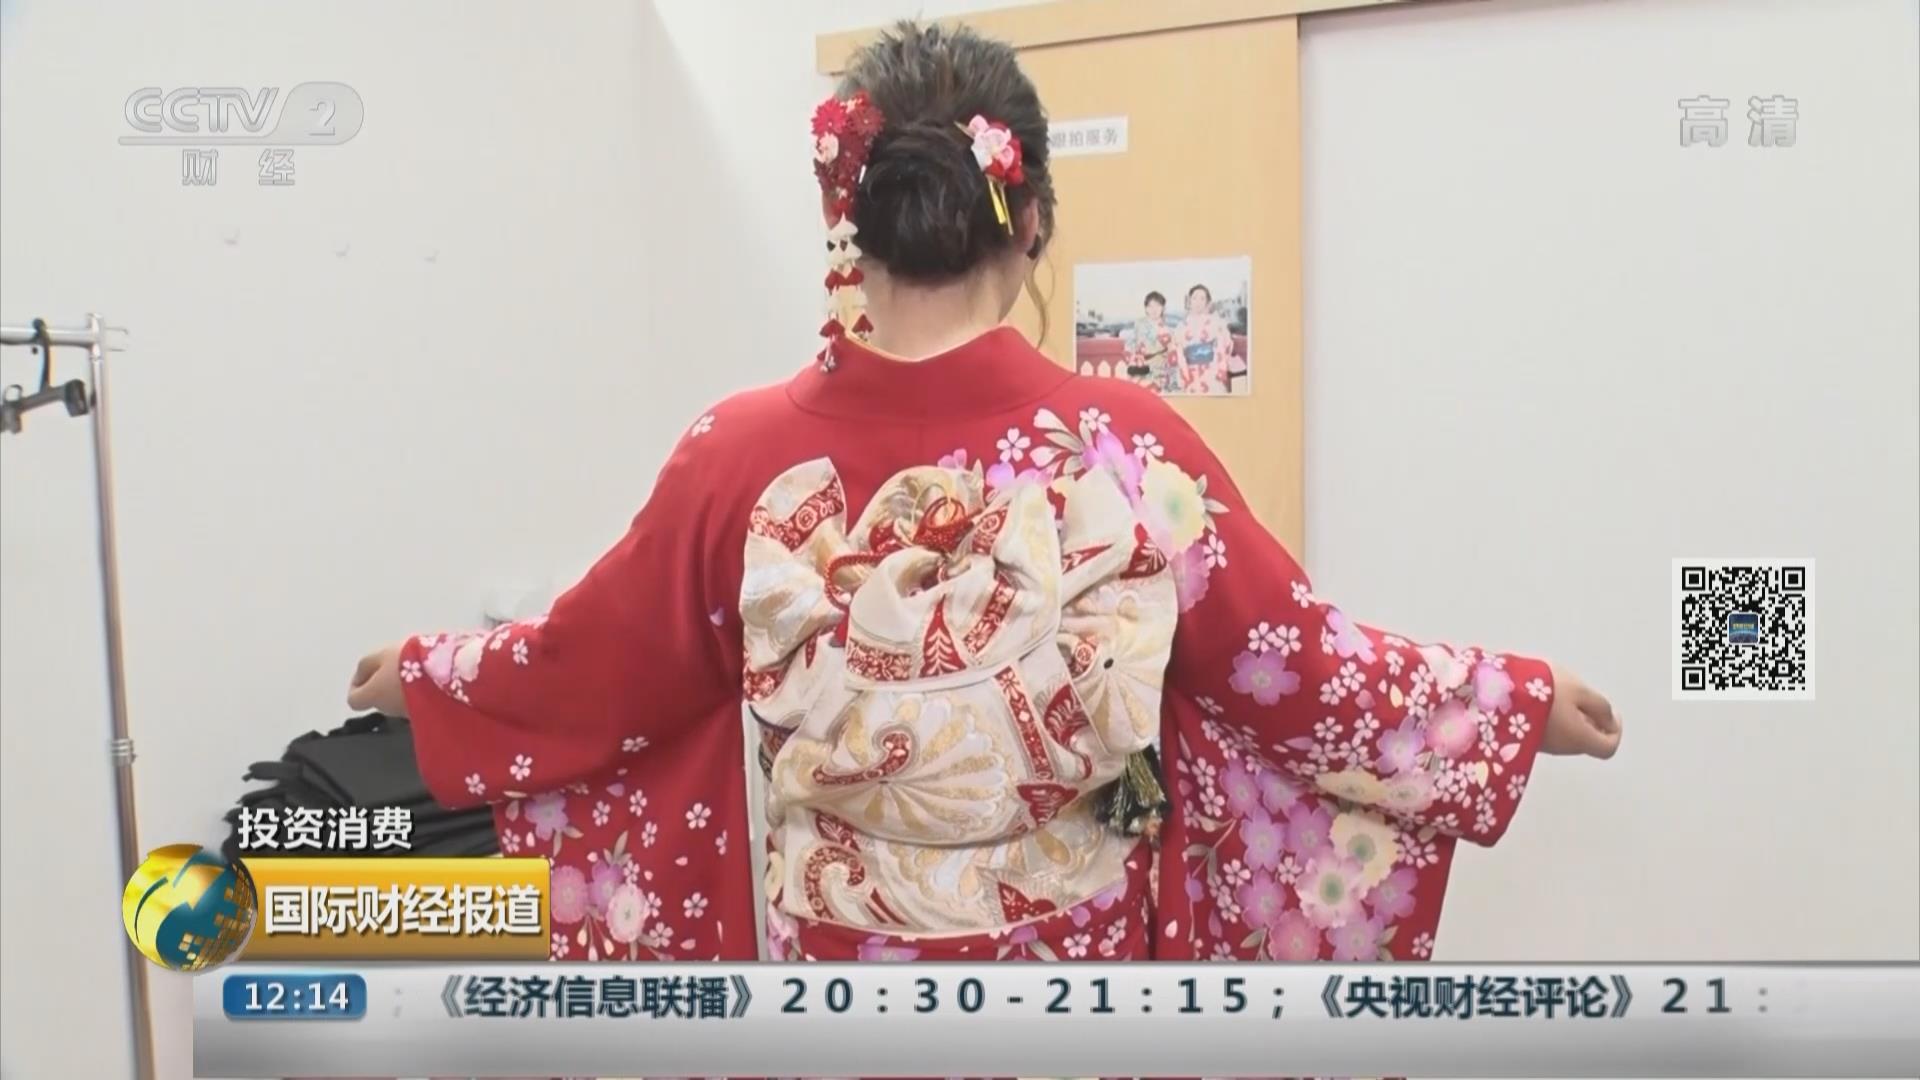 日本:成人節和服消費人均過萬 租賃服務崛起